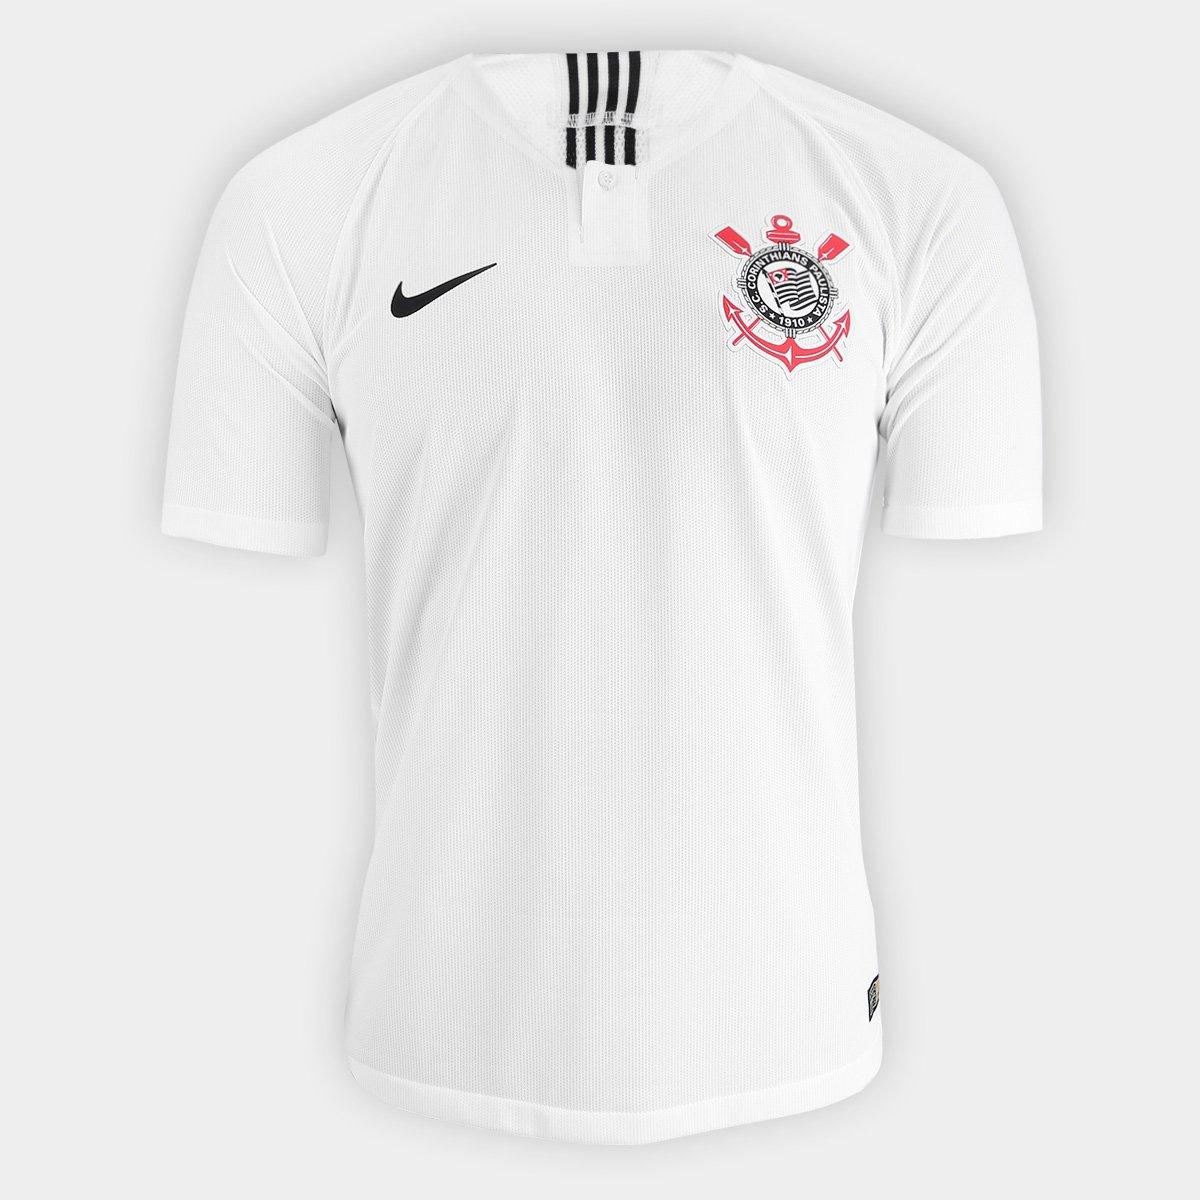 c47f431cf1e6c Camisa Corinthians I 2018 s n° - Jogador Nike Masculina - Branco e Preto -  Compre Agora